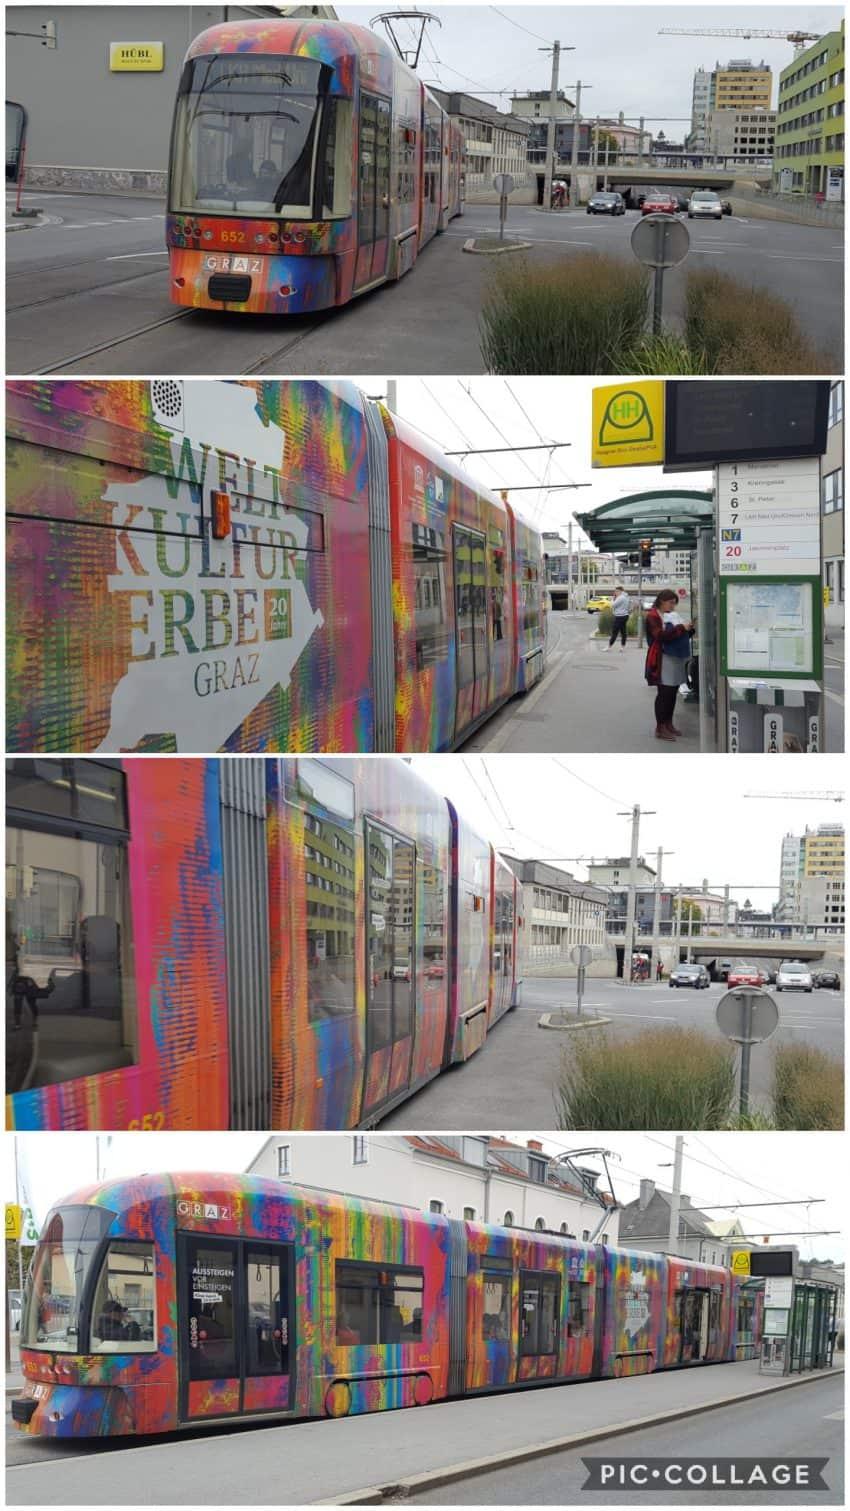 Rtselrallye durch Graz, die Stadt spielerisch erkunden